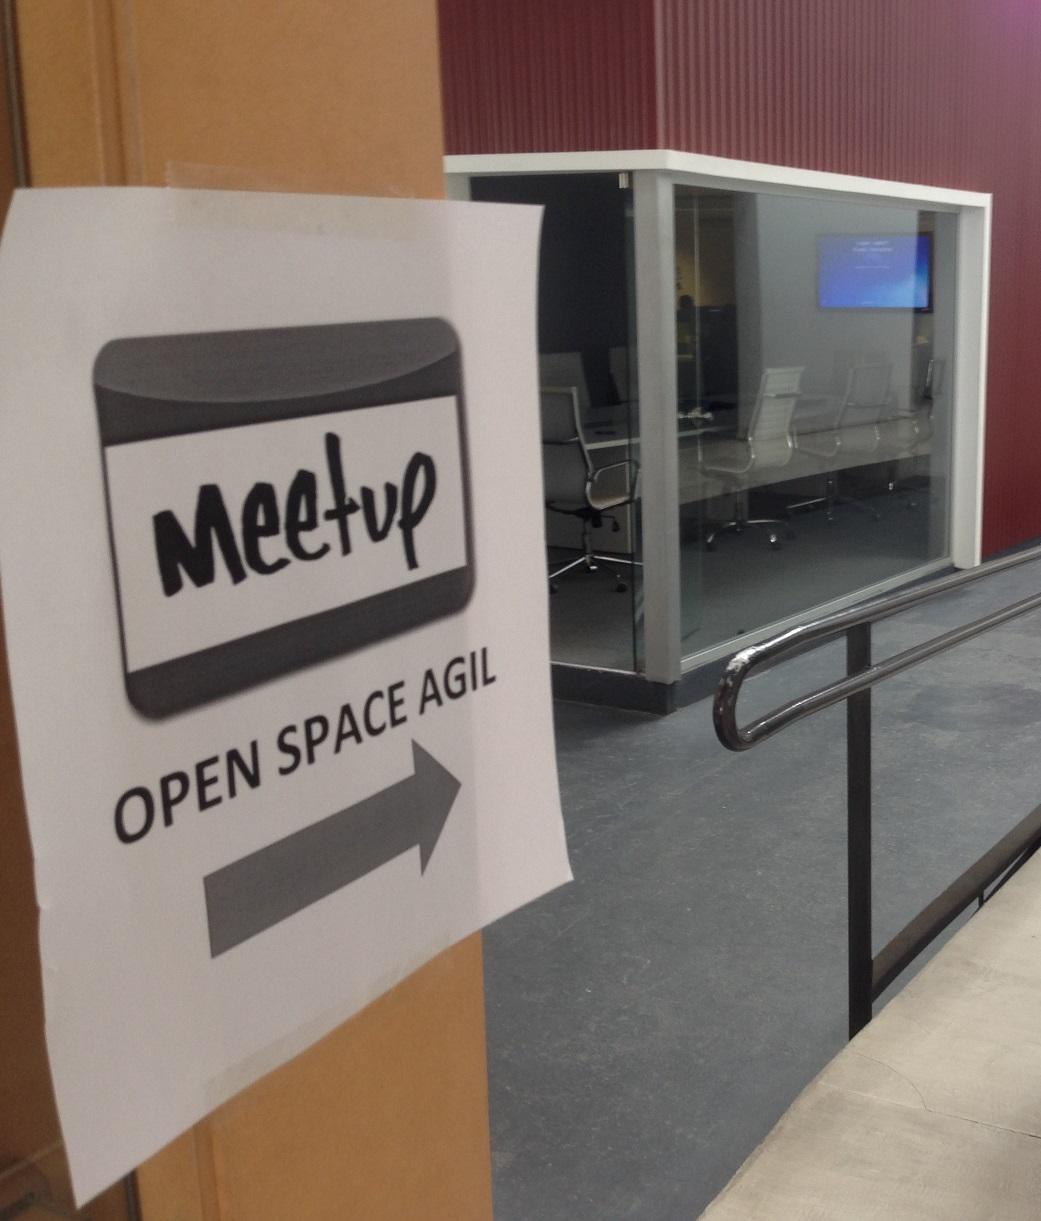 open space agile Hexacta